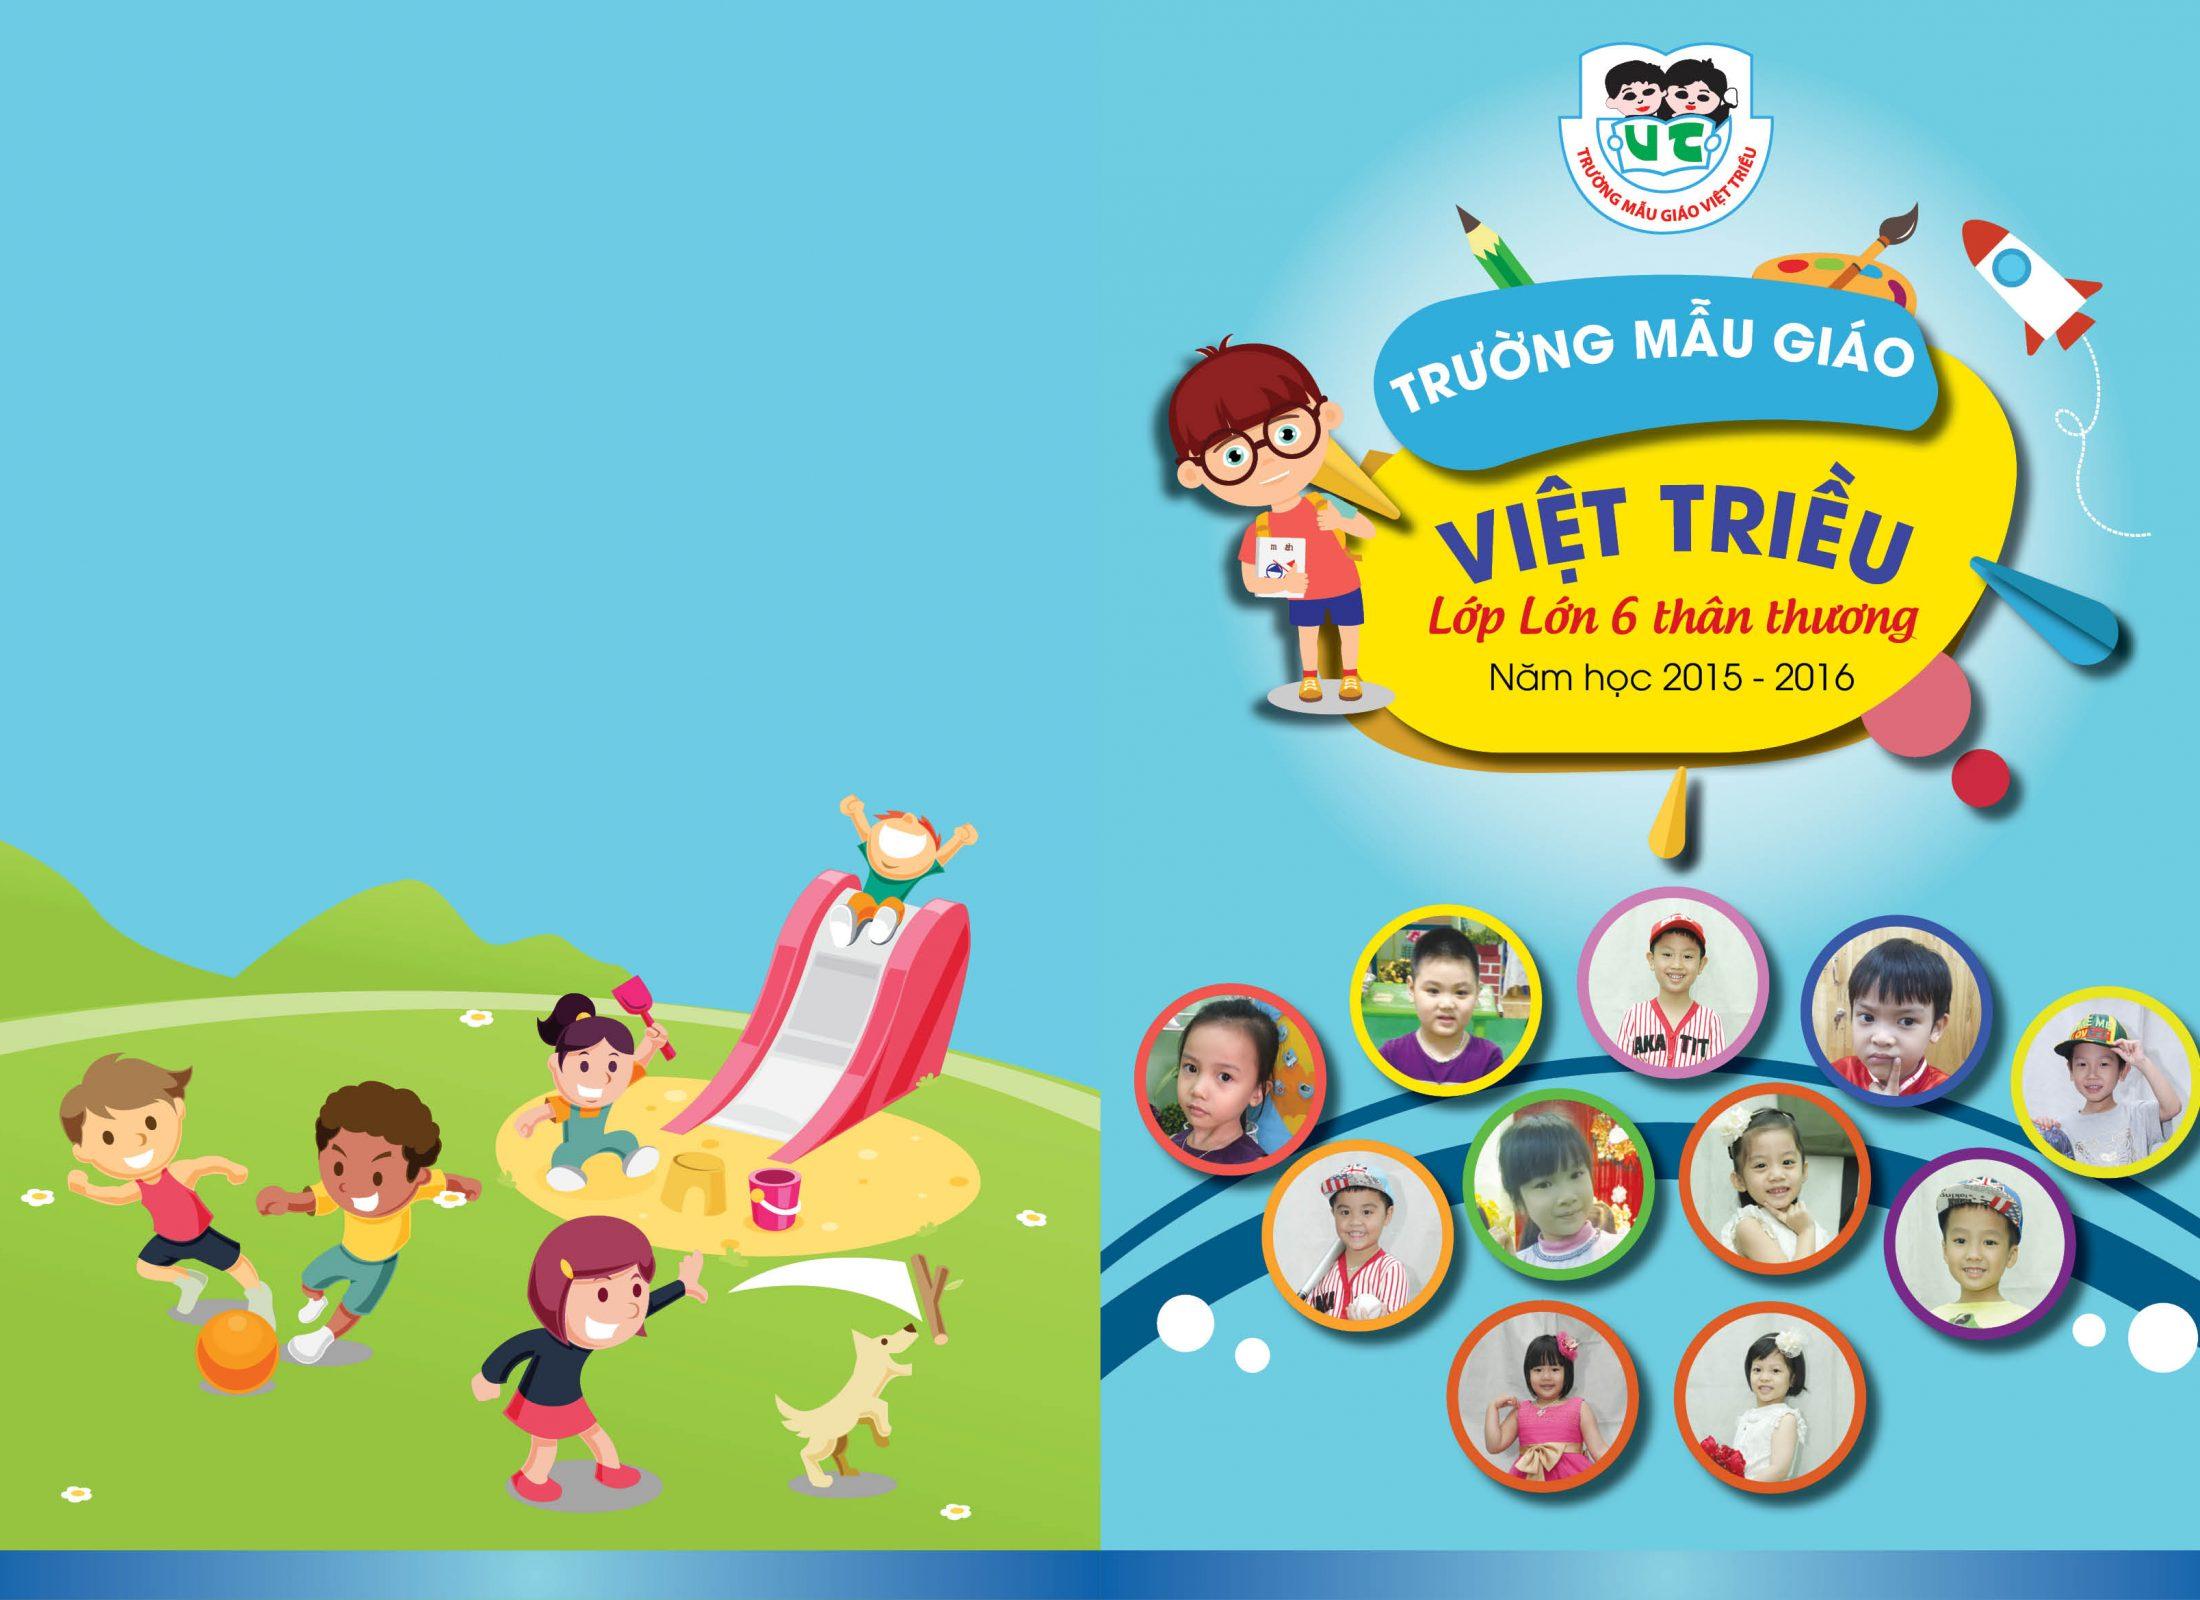 Kỷ yếu ảnh mẫu giáo Việt Triều